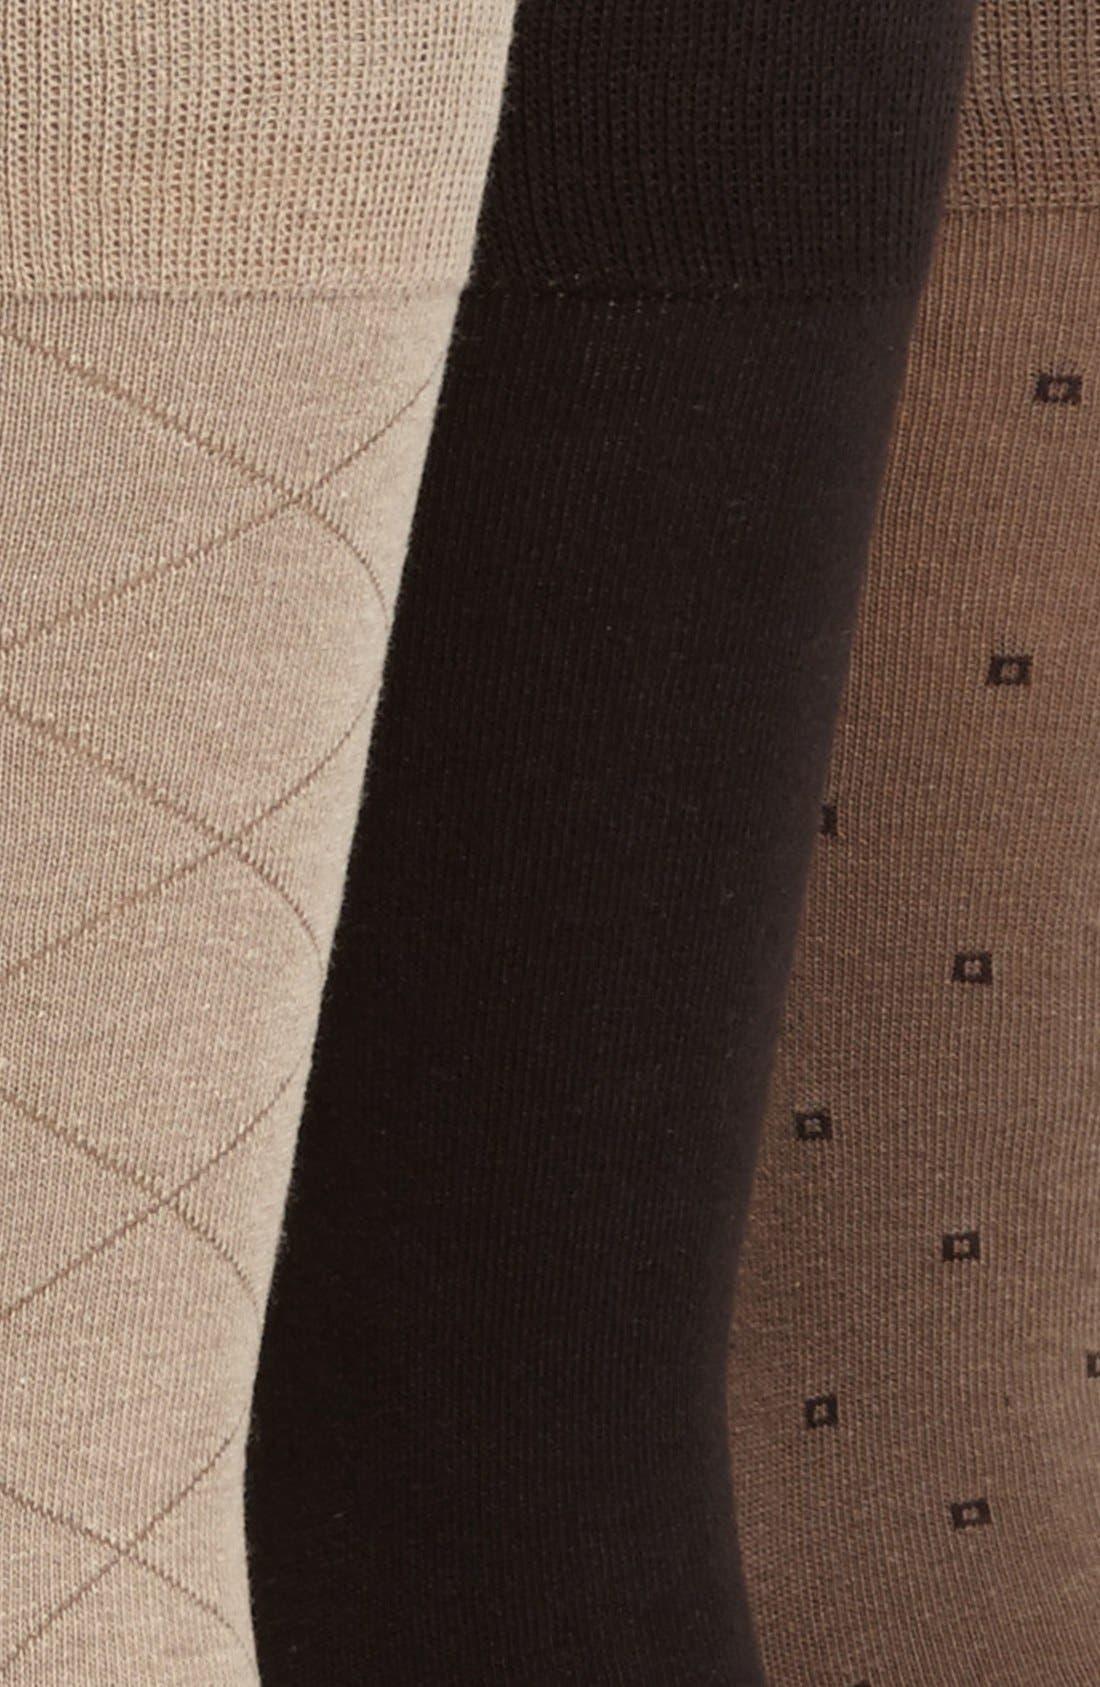 Alternate Image 2  - Calvin Klein 3-Pack Patterned Socks